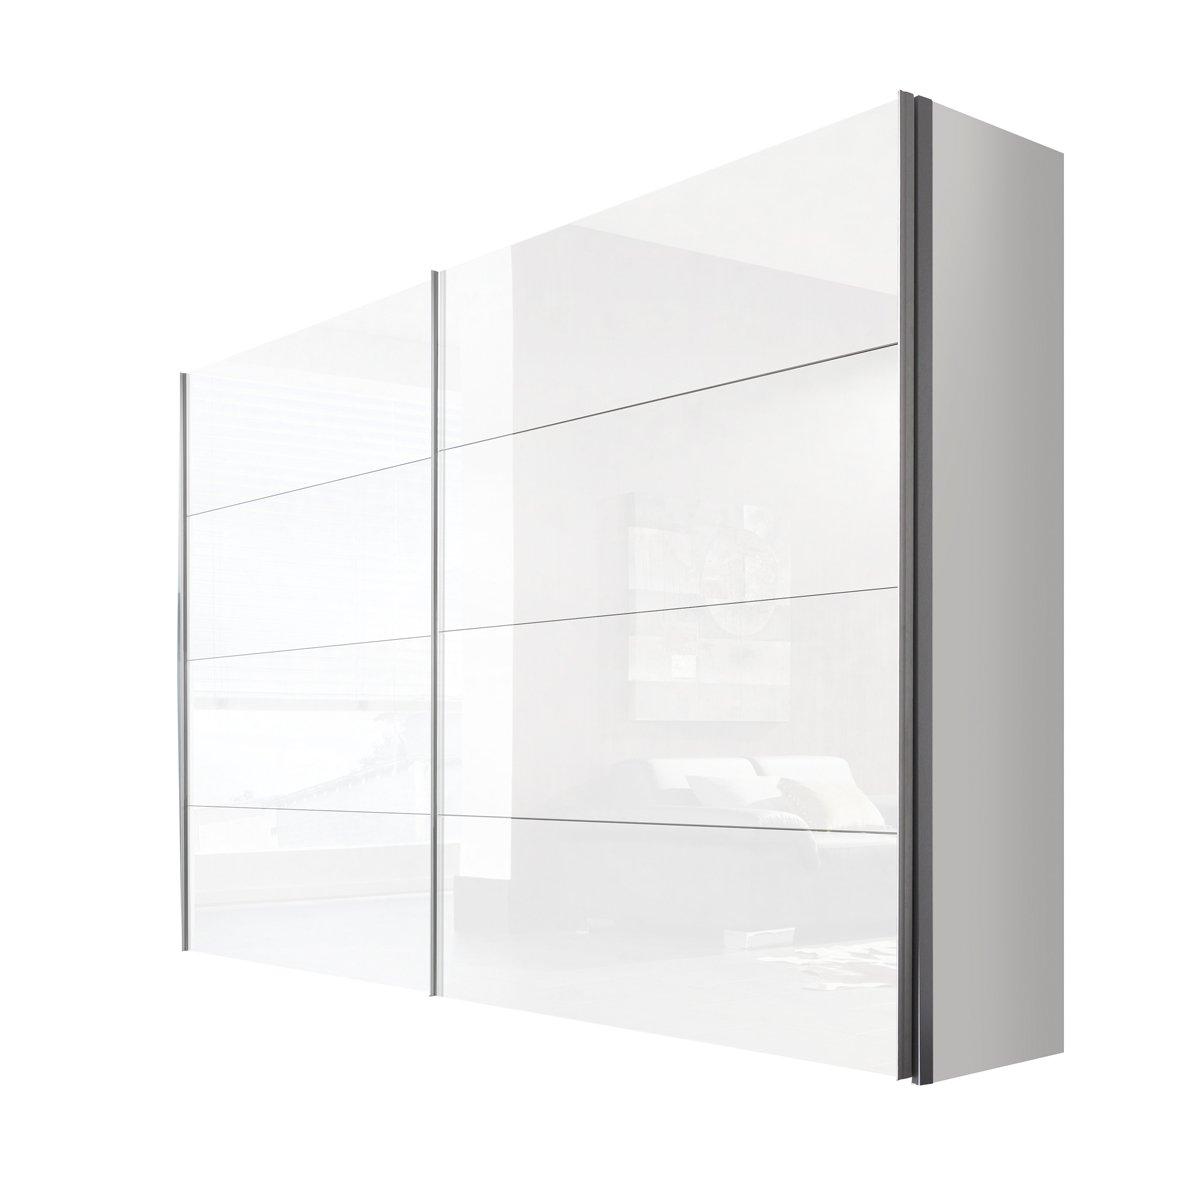 Solutions 47560-203 Schwebetürenschrank 2-türig, Korpus polarweiß, Front lack weiß, Griffleisten alufarben, 68 x 300 x 216 cm